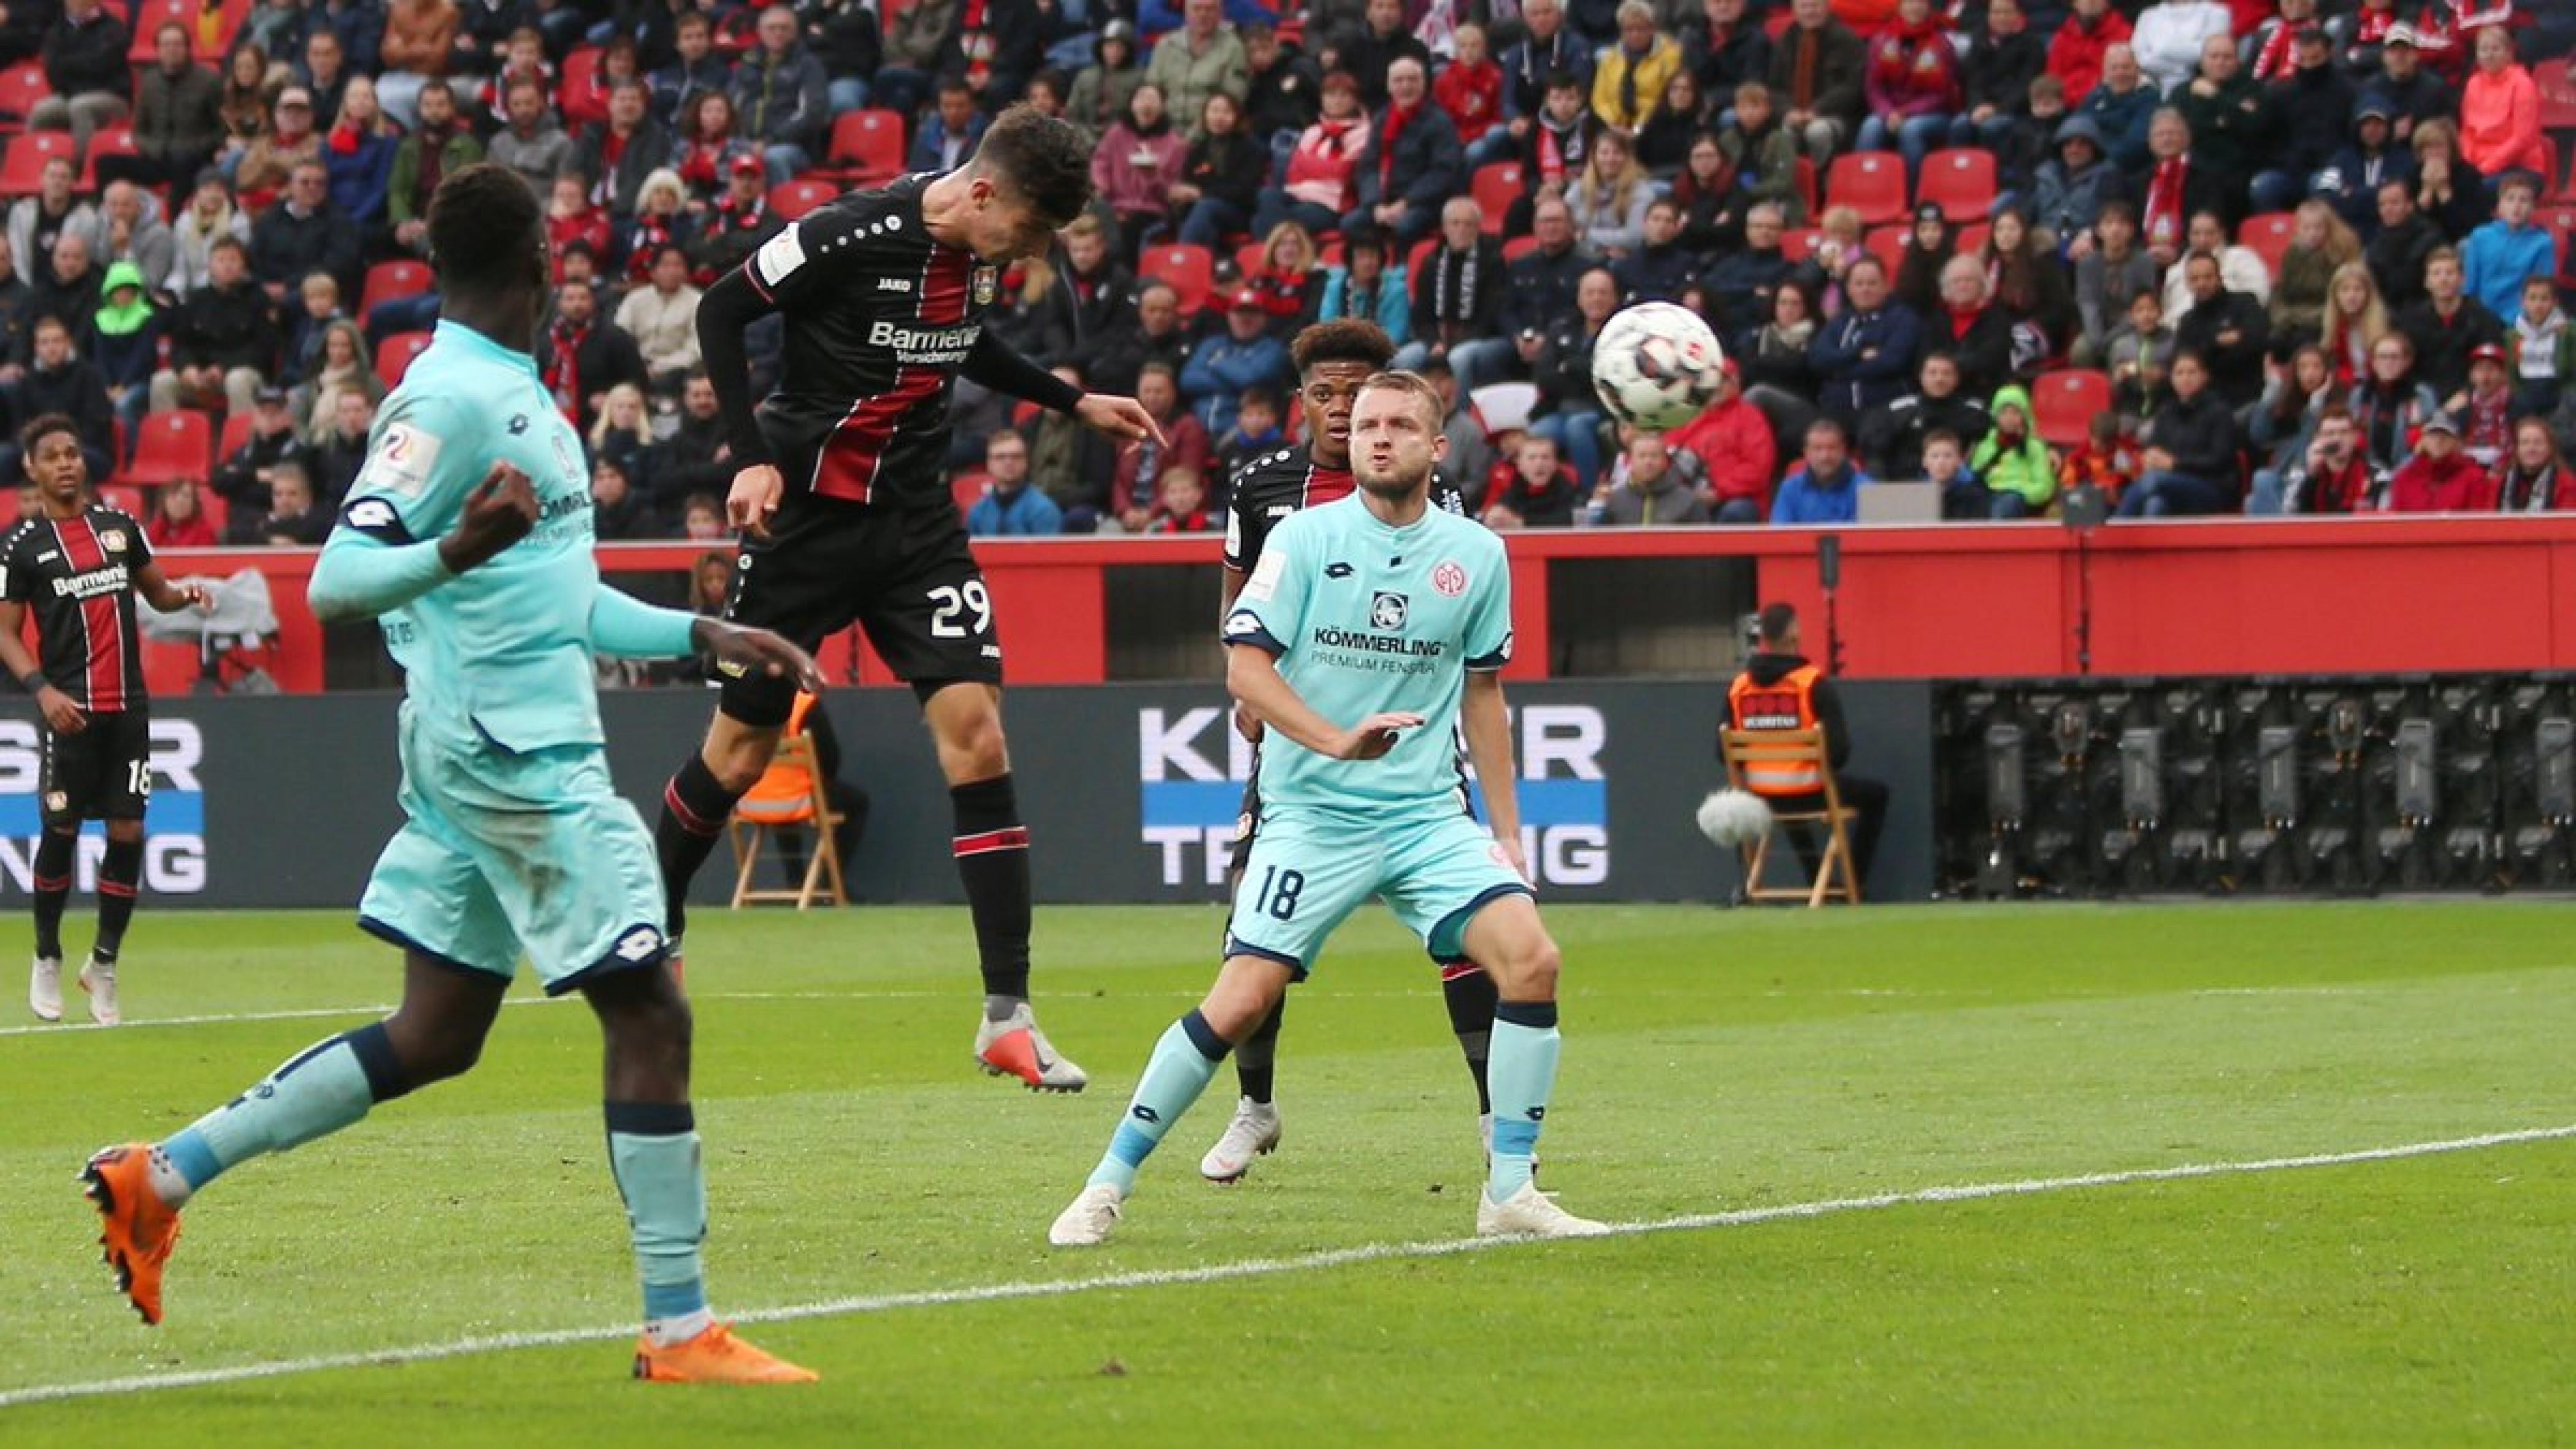 Il Leverkusen di misura, pareggio a Francoforte